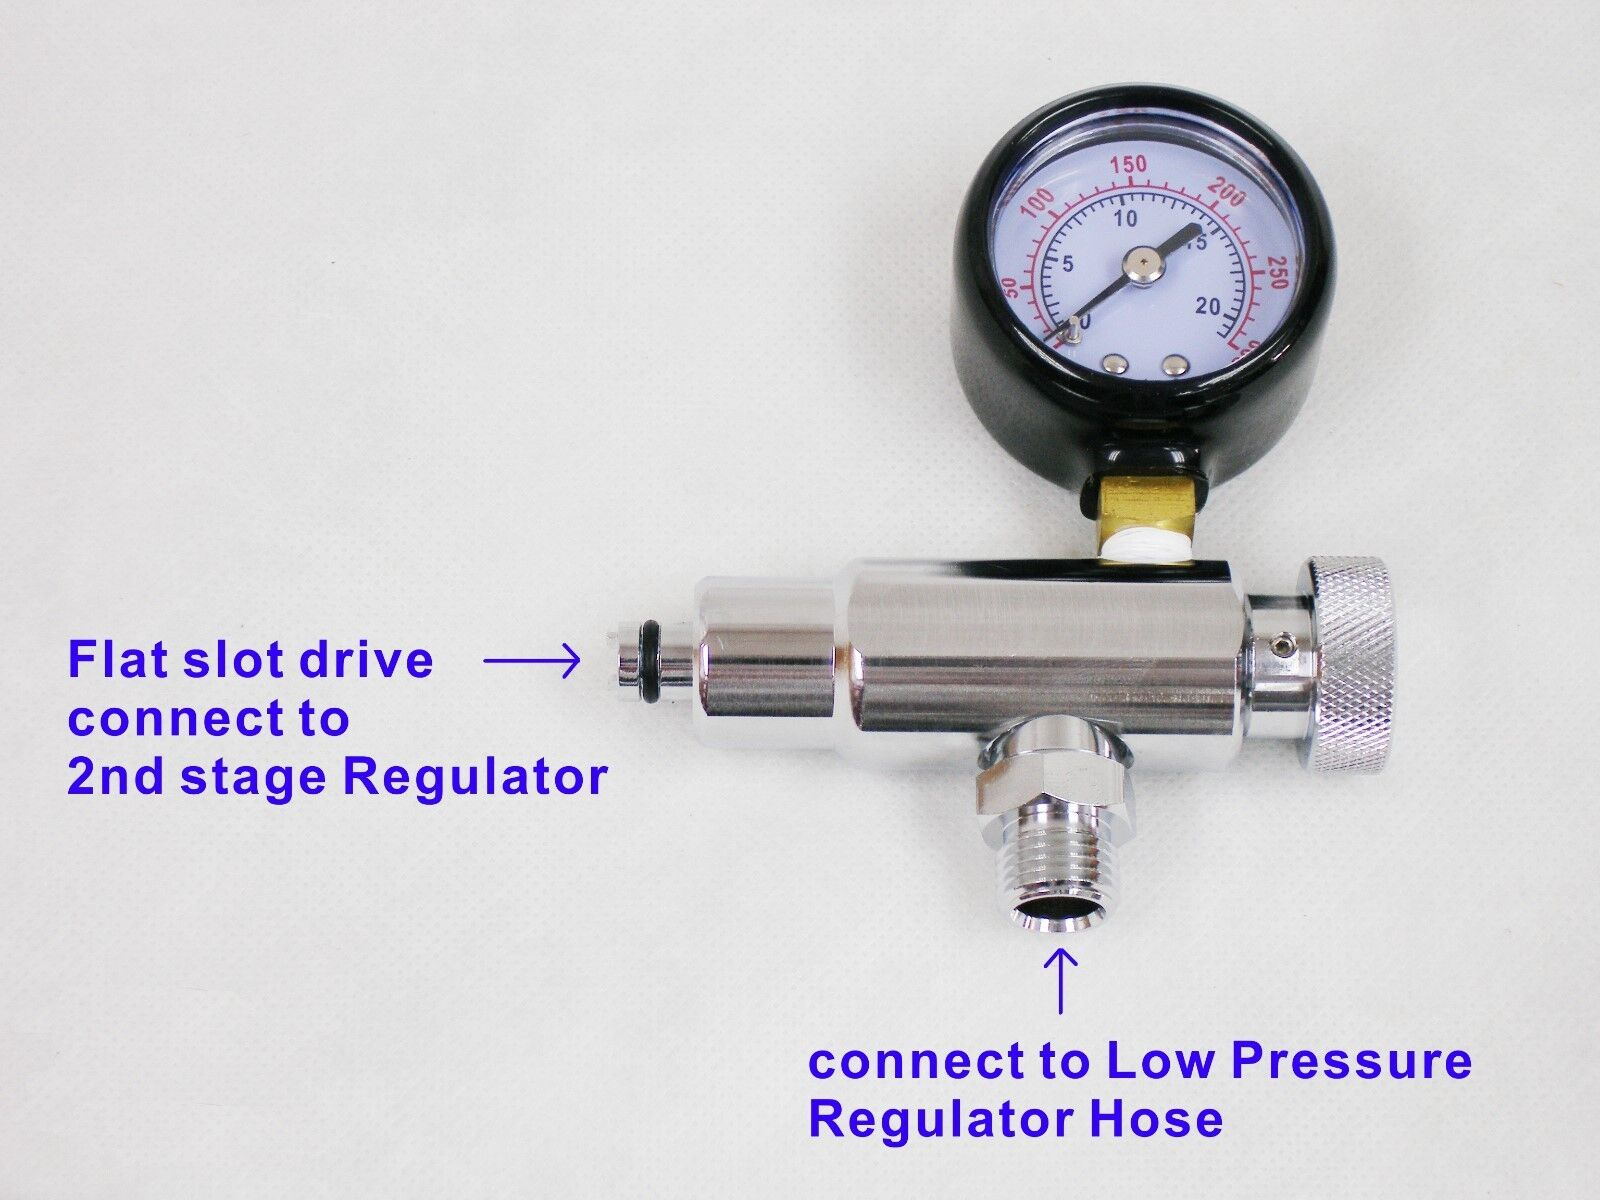 как выглядит Регулятор для дайвинга OTG Scuba Diving Inline 2nd Stage Regulator Adjustment Tool with Gauge #OG-148 фото